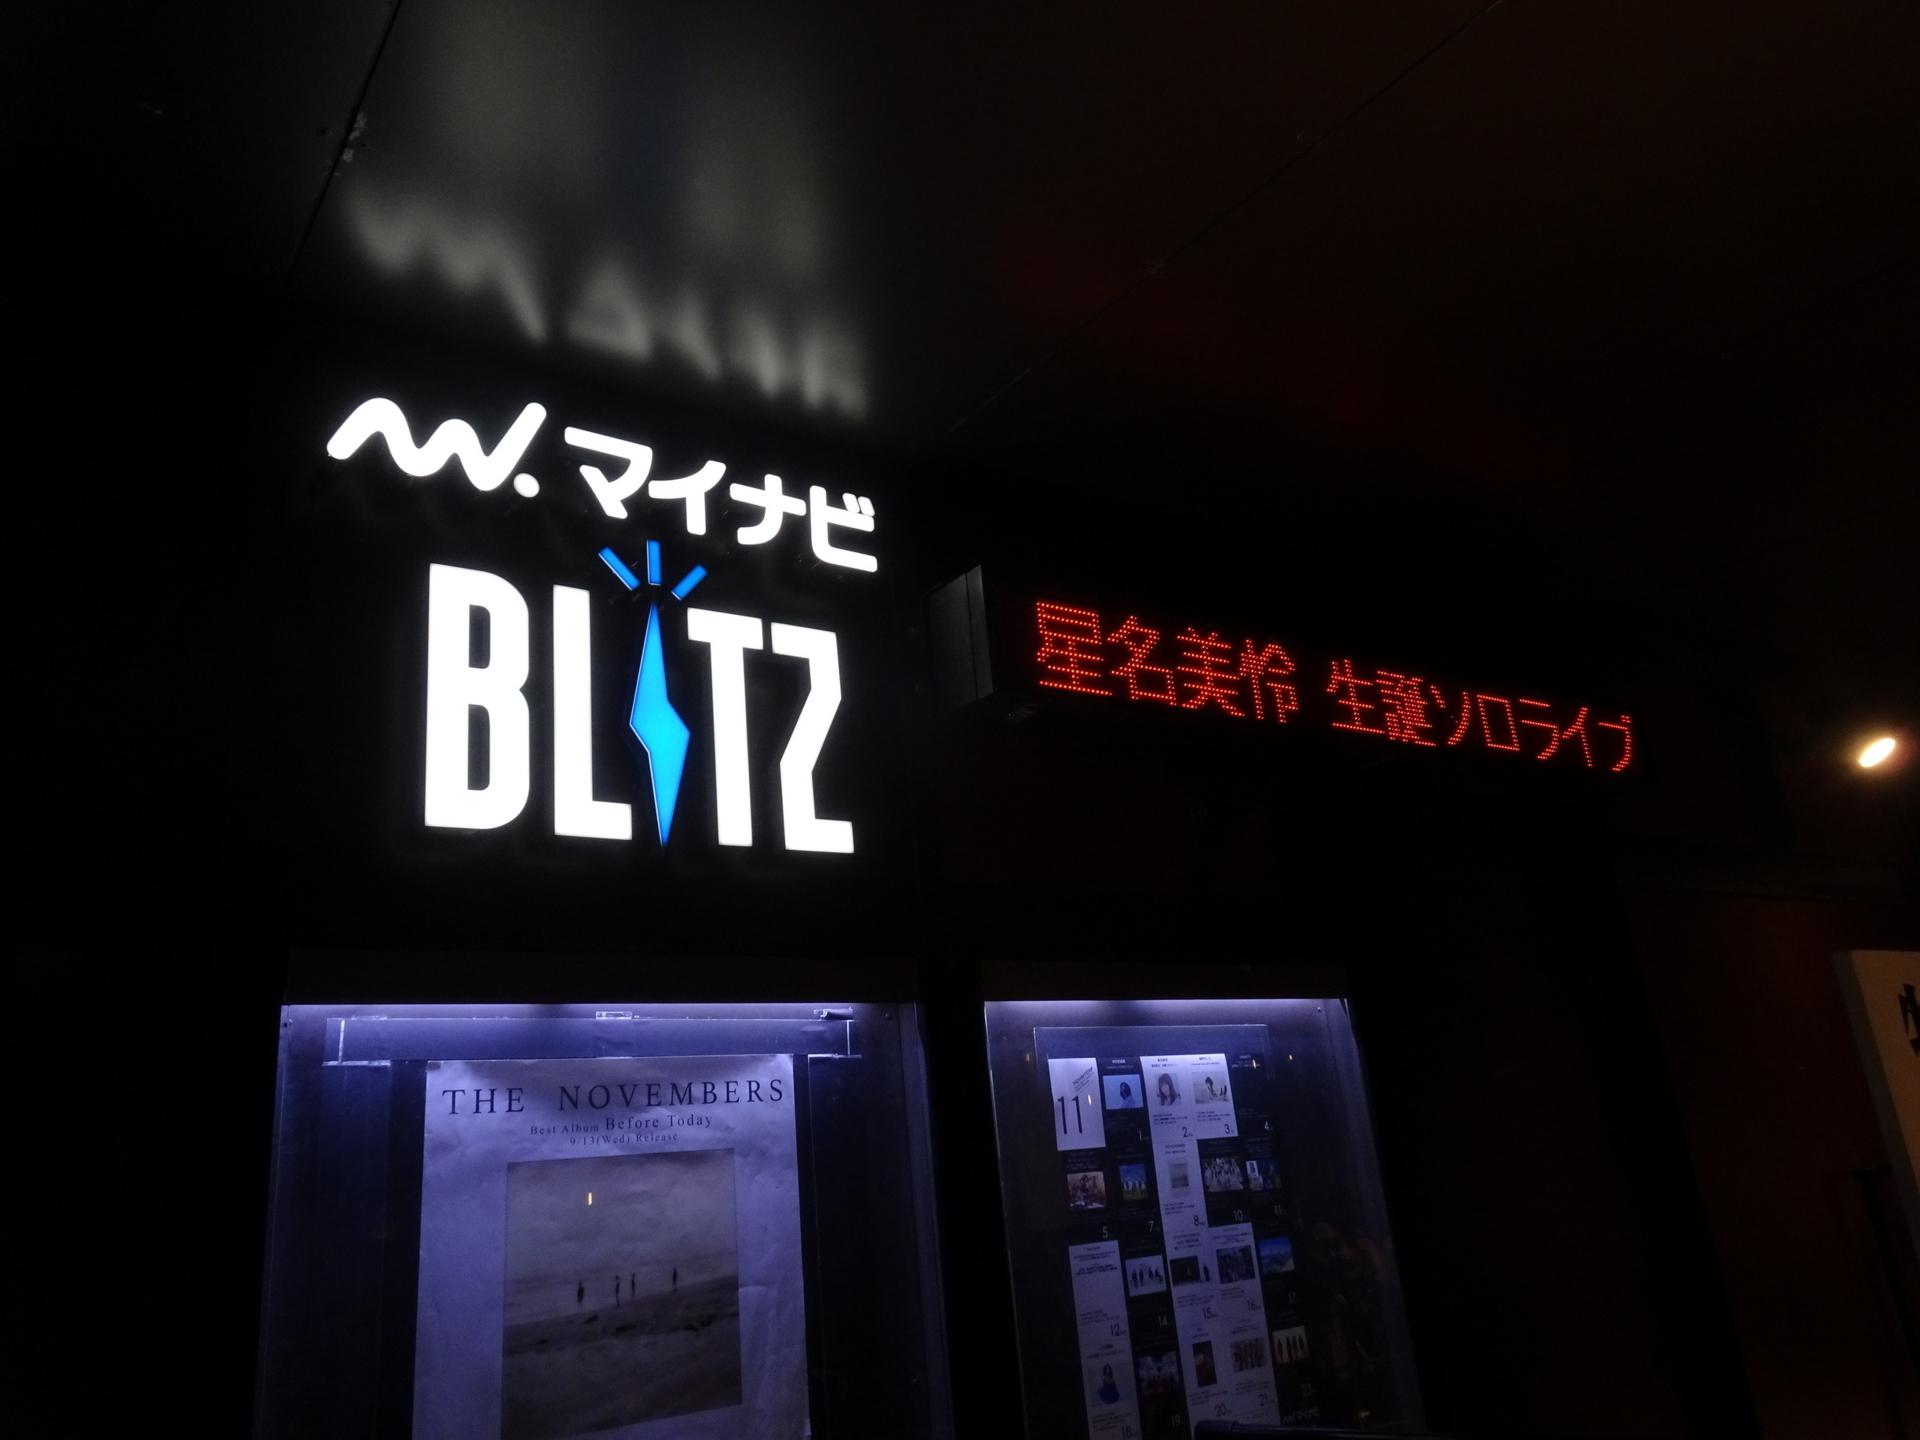 f:id:newsong:20171103234626j:plain